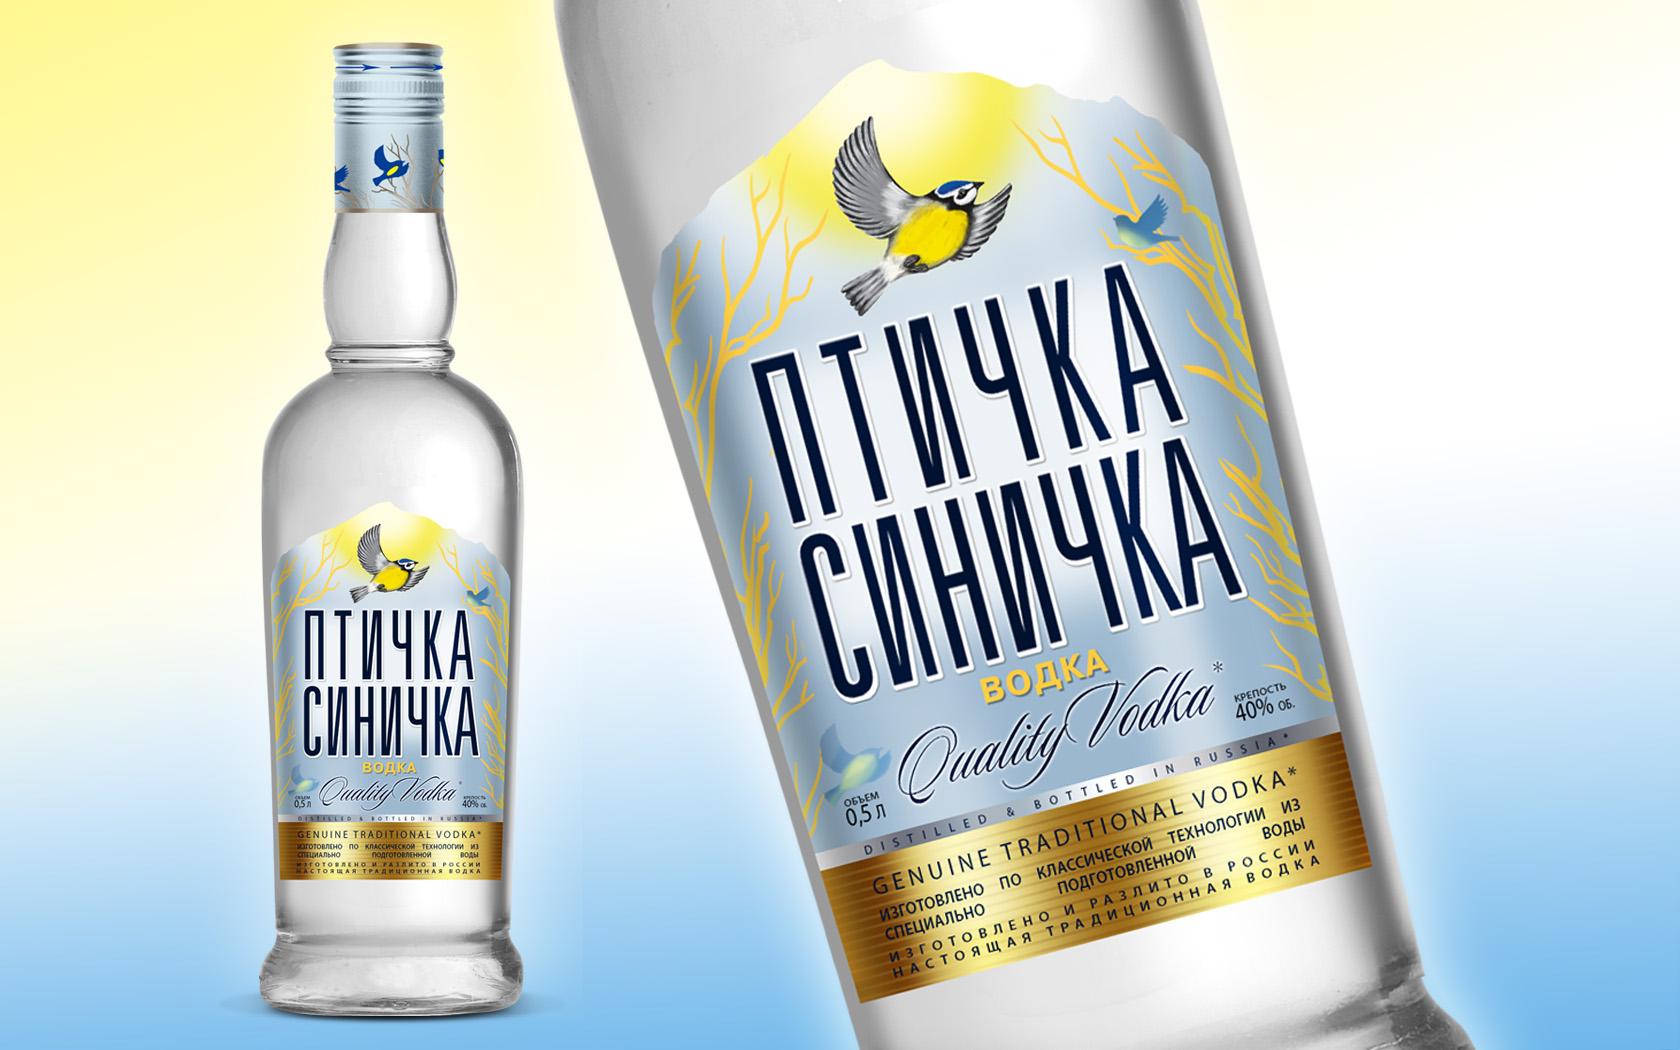 лучшая водка в россии птичка синичка